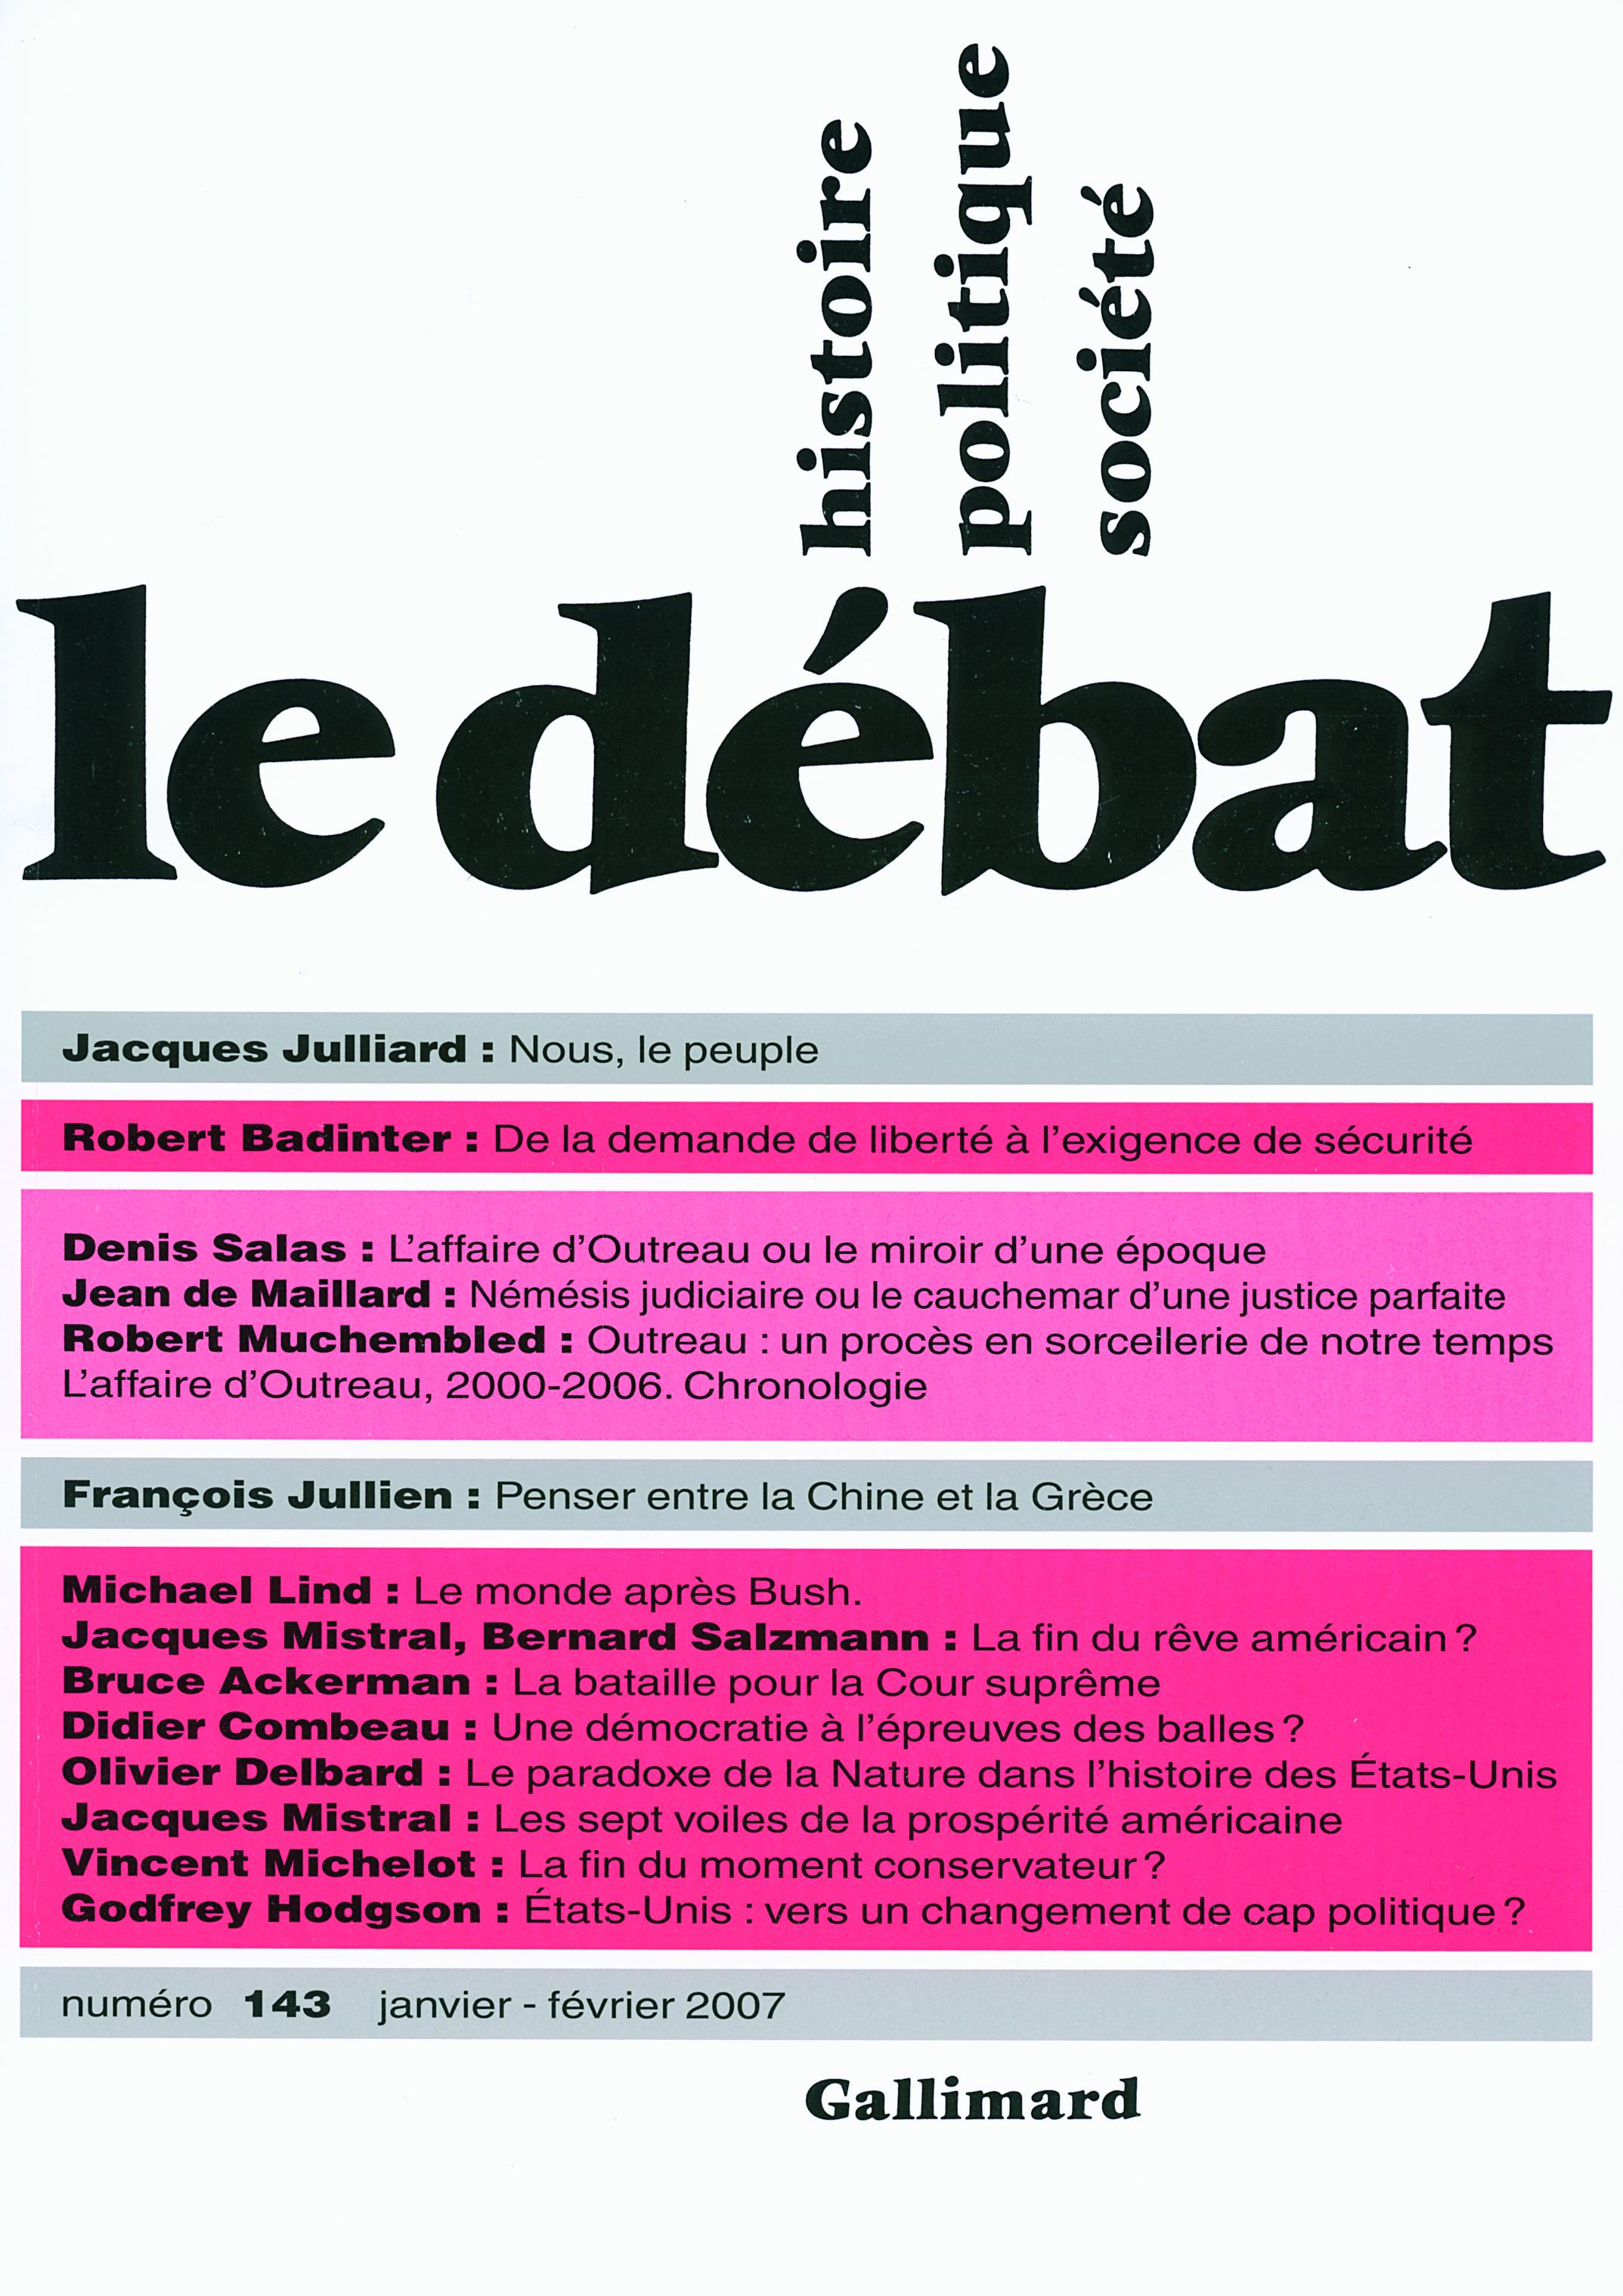 LE DEBAT 143 (JANVIER 2007)